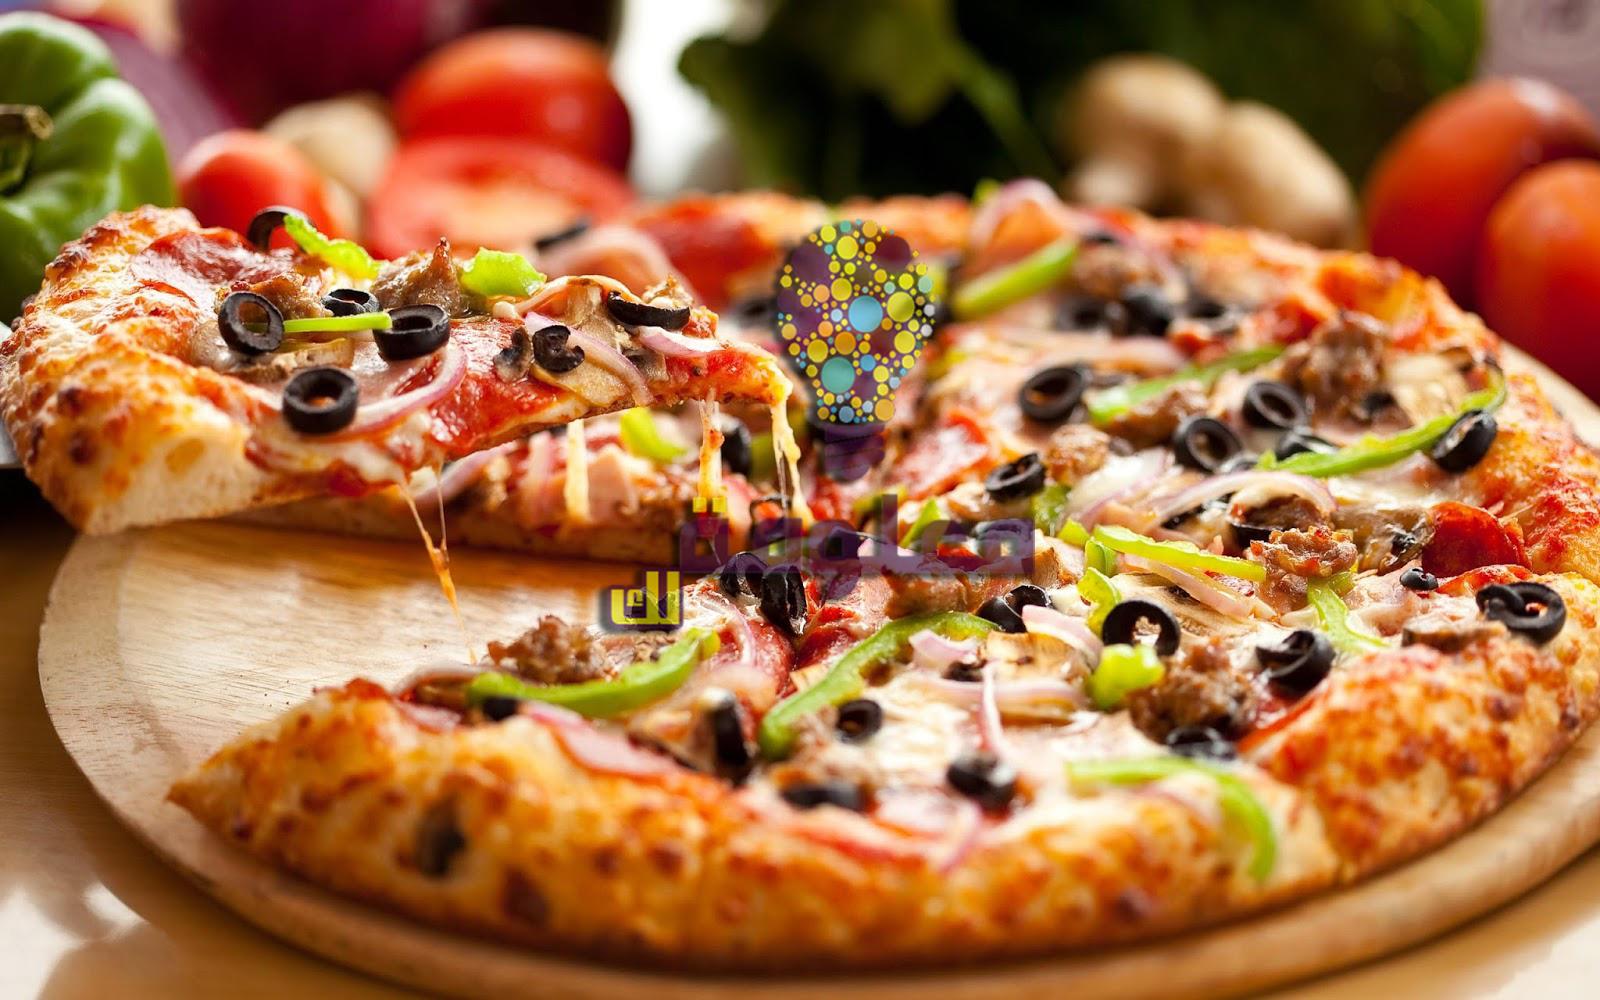 وصفة بيتزا سهلة التحضير في المنزل